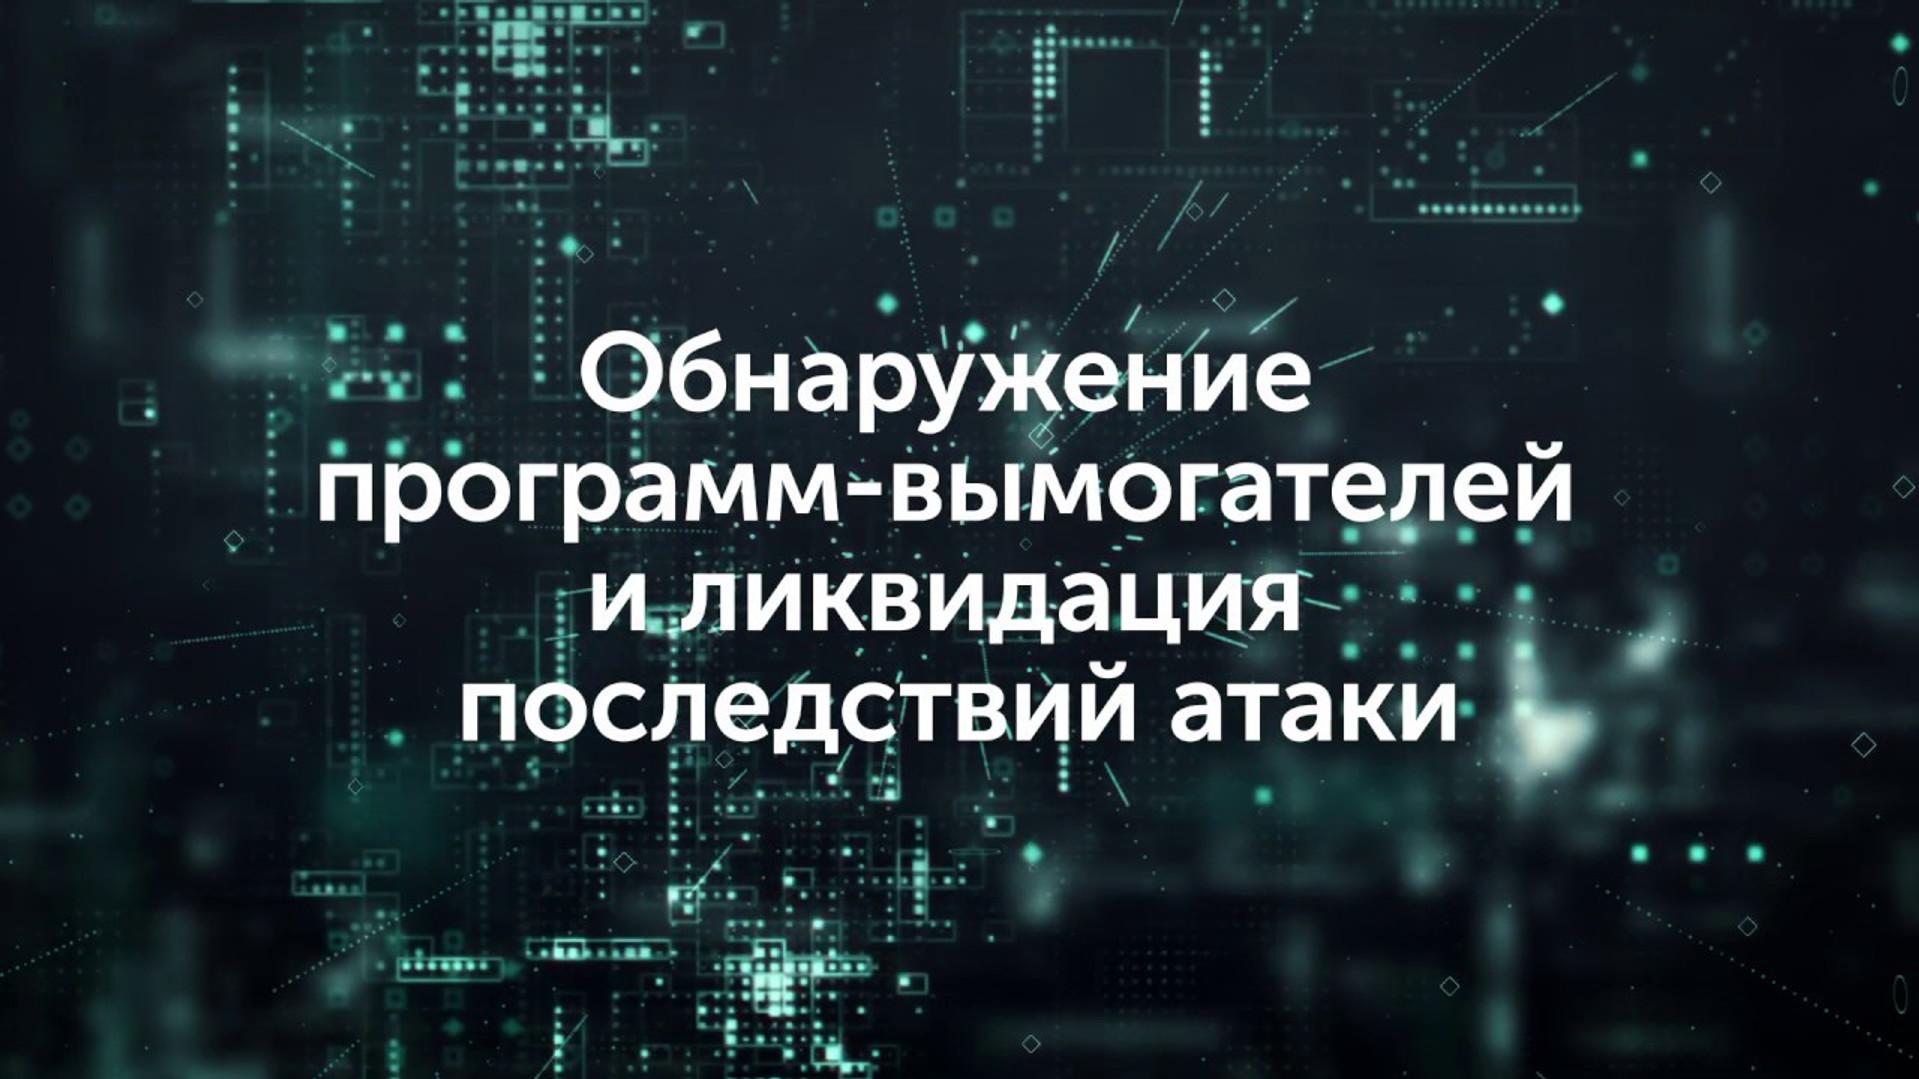 Обнаружение программ-вымогателей и ликвидация последствий атаки